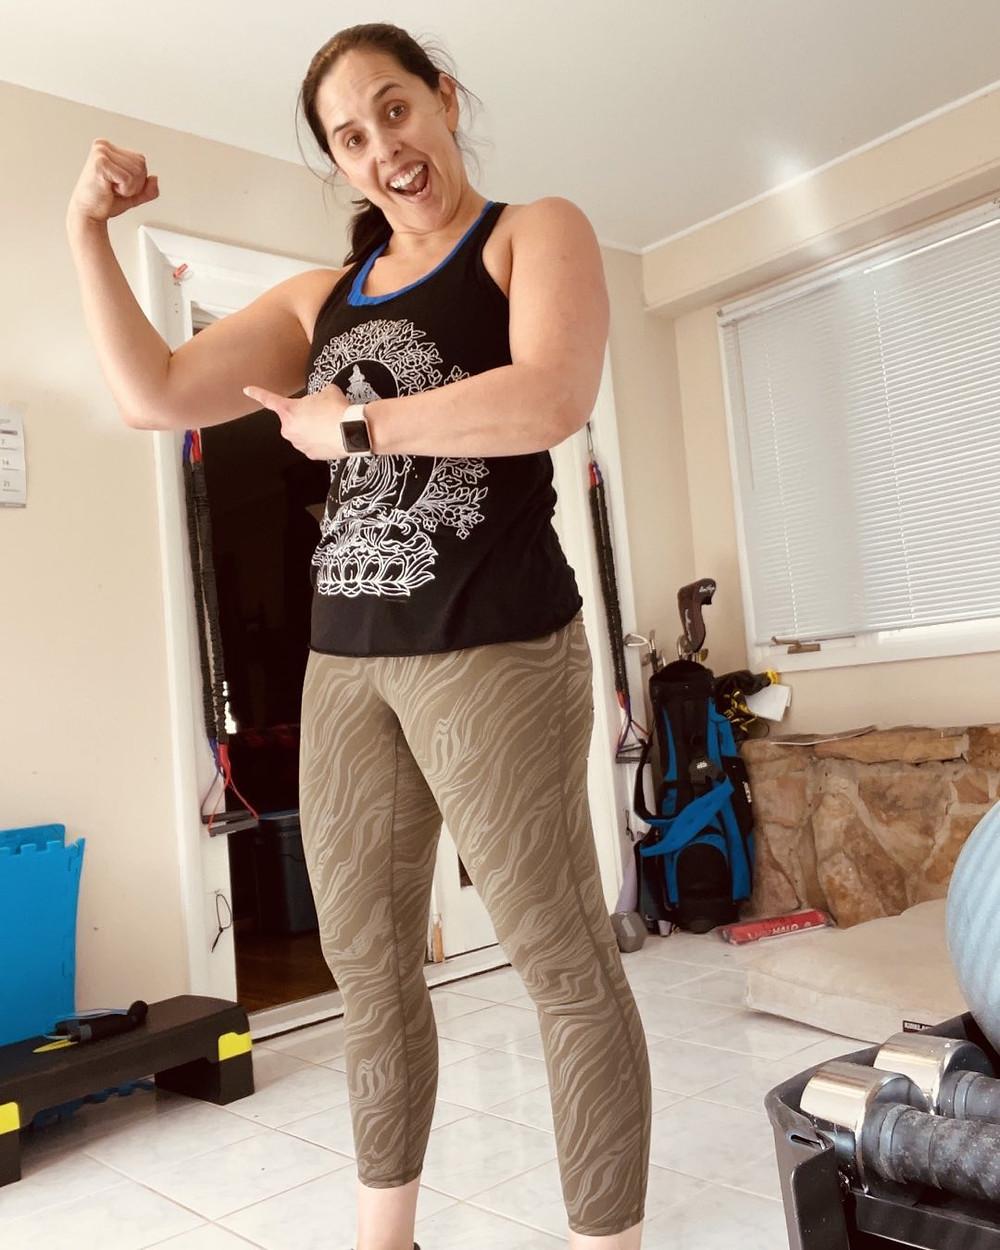 Feeling good, sweaty selfie, silly selfie, pursuing health, flexing